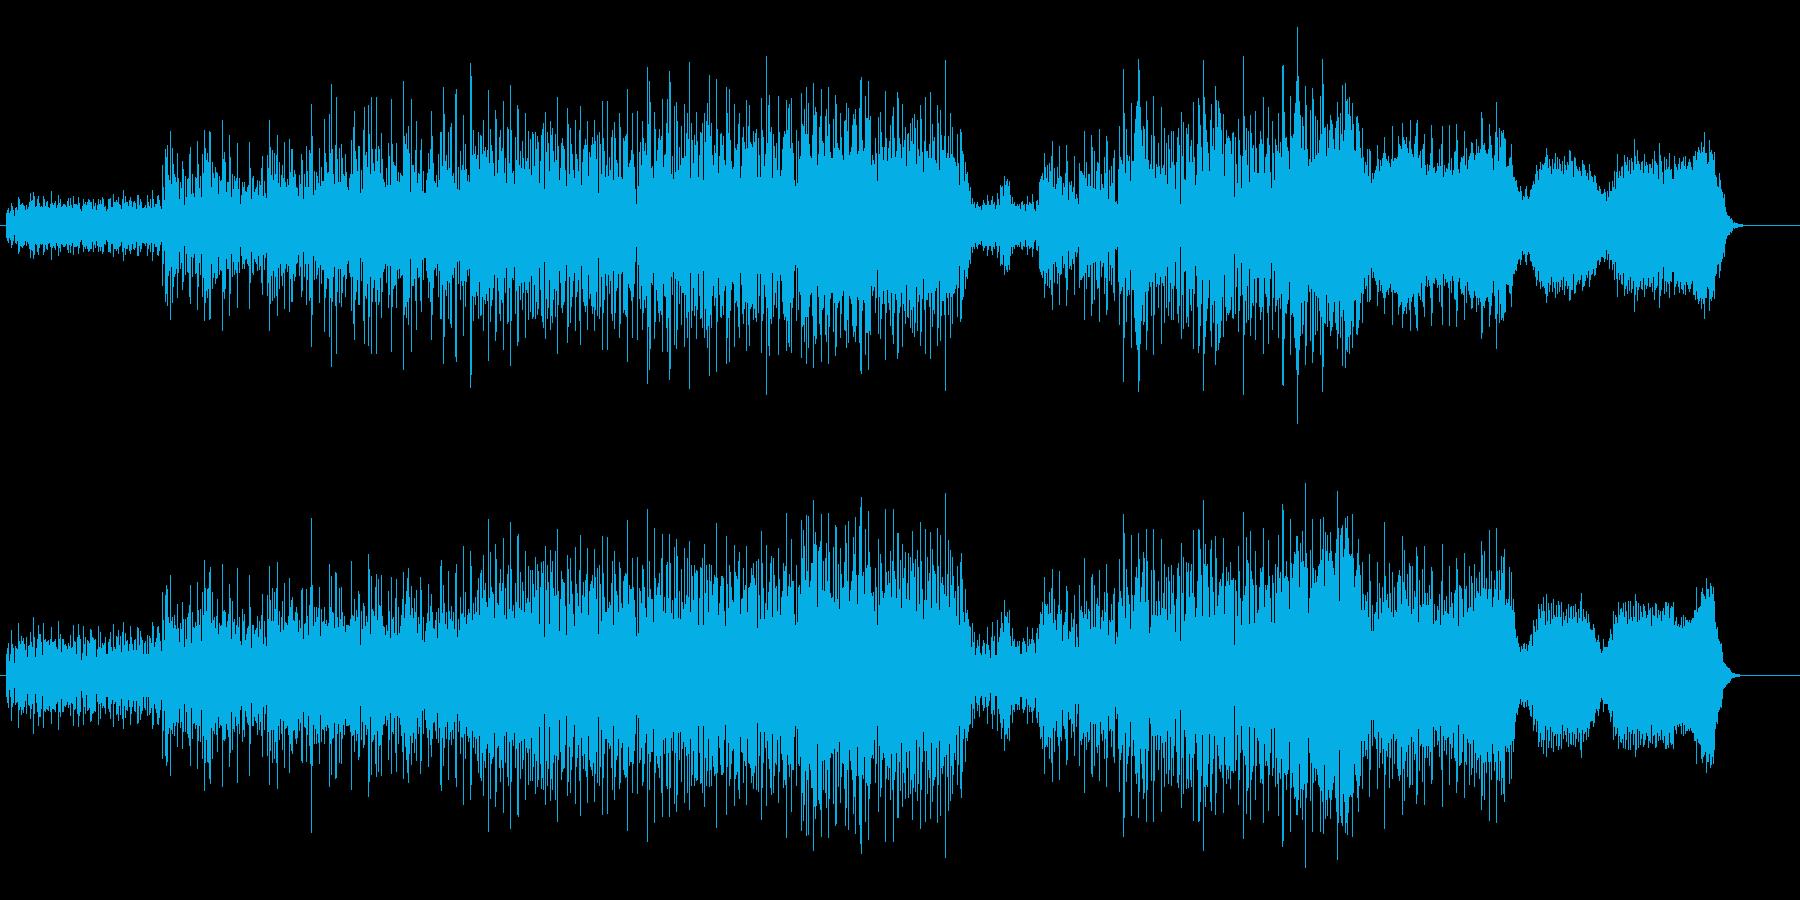 ユーロが熱いハイセンスなマイナー・テクノの再生済みの波形